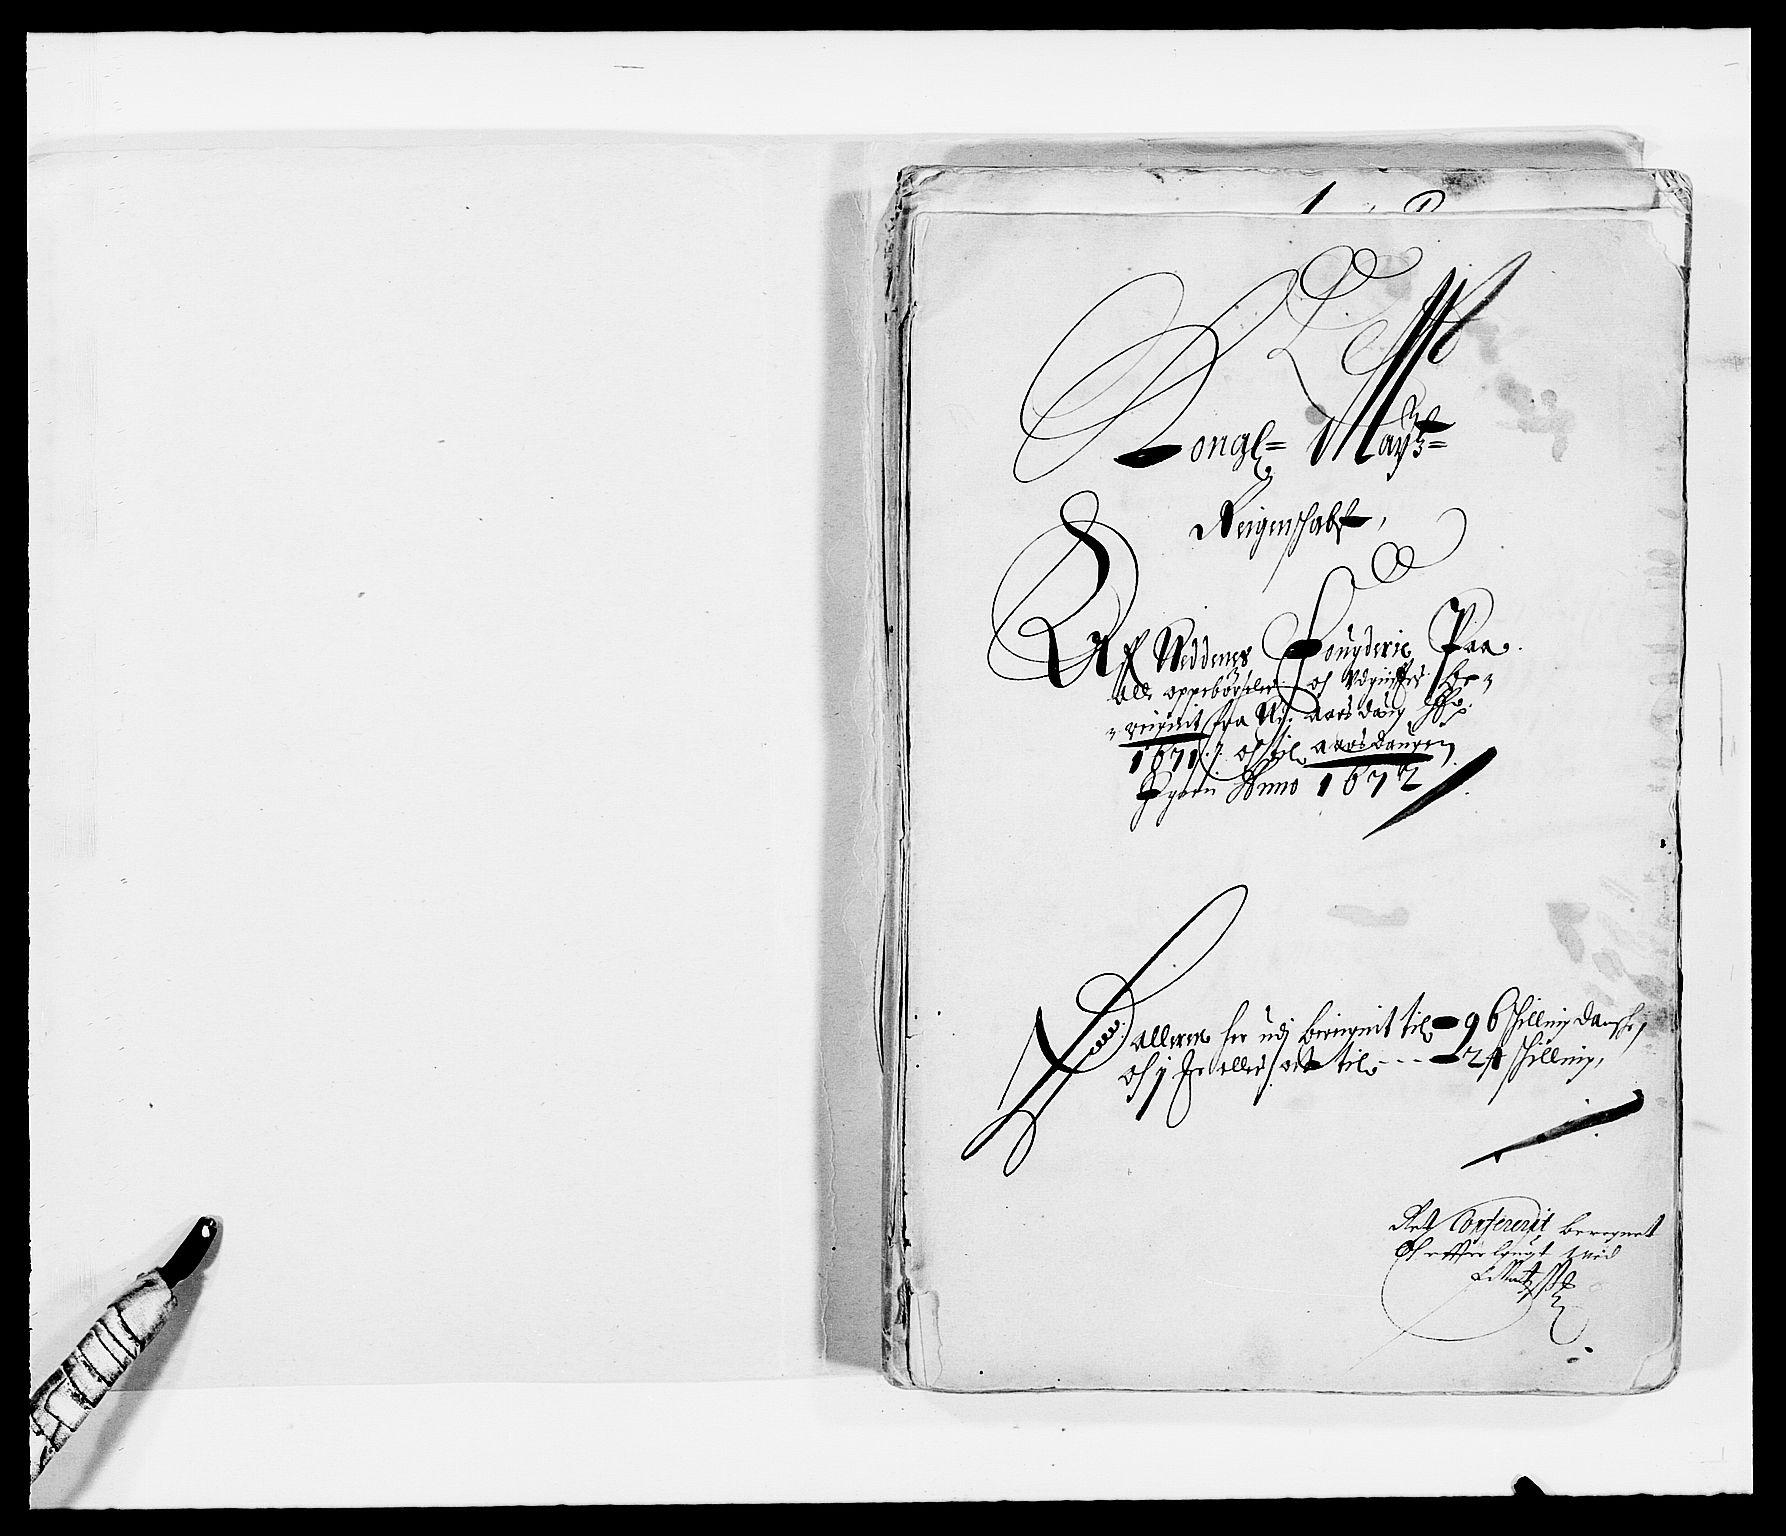 RA, Rentekammeret inntil 1814, Reviderte regnskaper, Fogderegnskap, R39/L2299: Fogderegnskap Nedenes, 1670-1671, s. 161